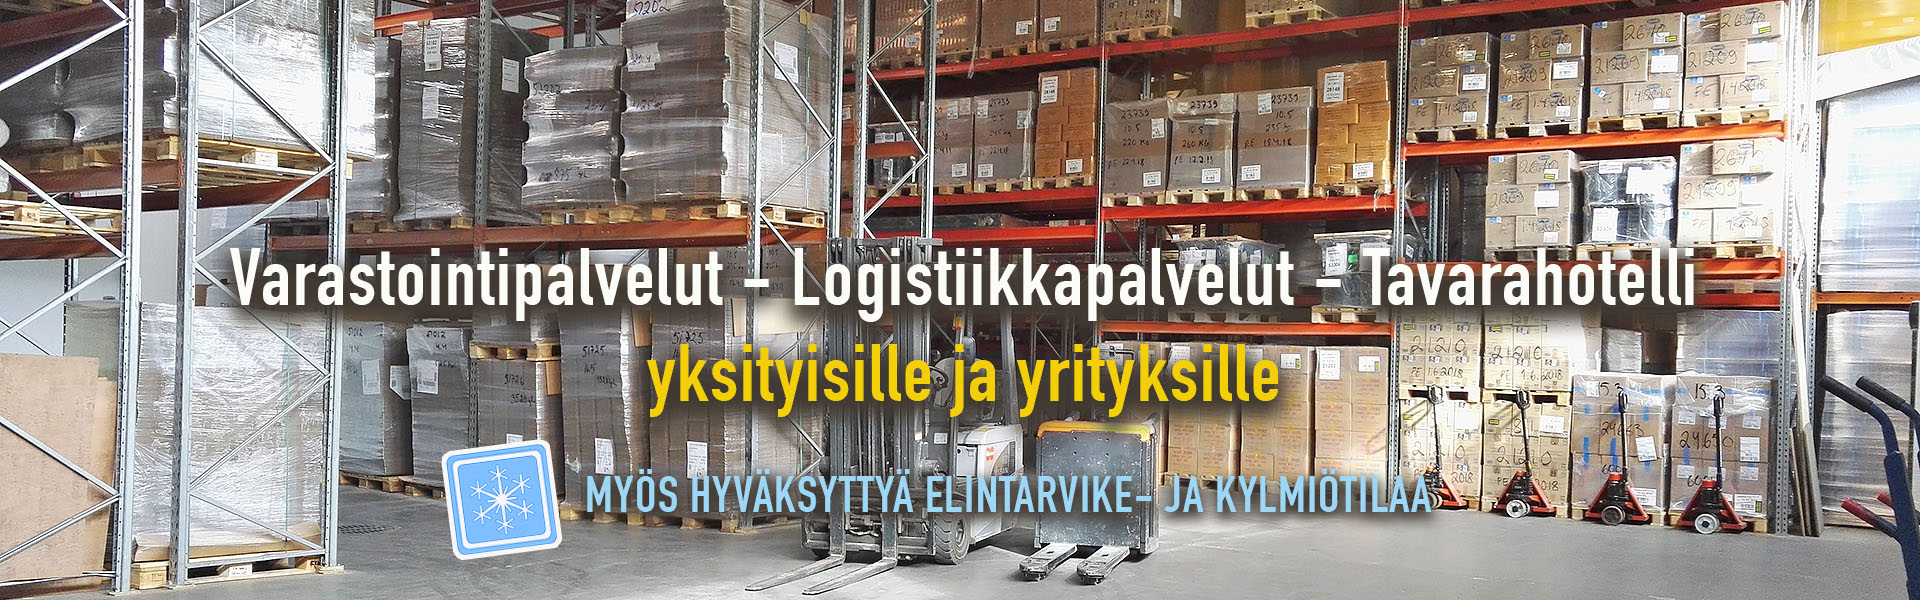 Edullista varastotilaa ja tavarahotelli - yksityisille ja yrityksille (Kangasala ja Tampere)